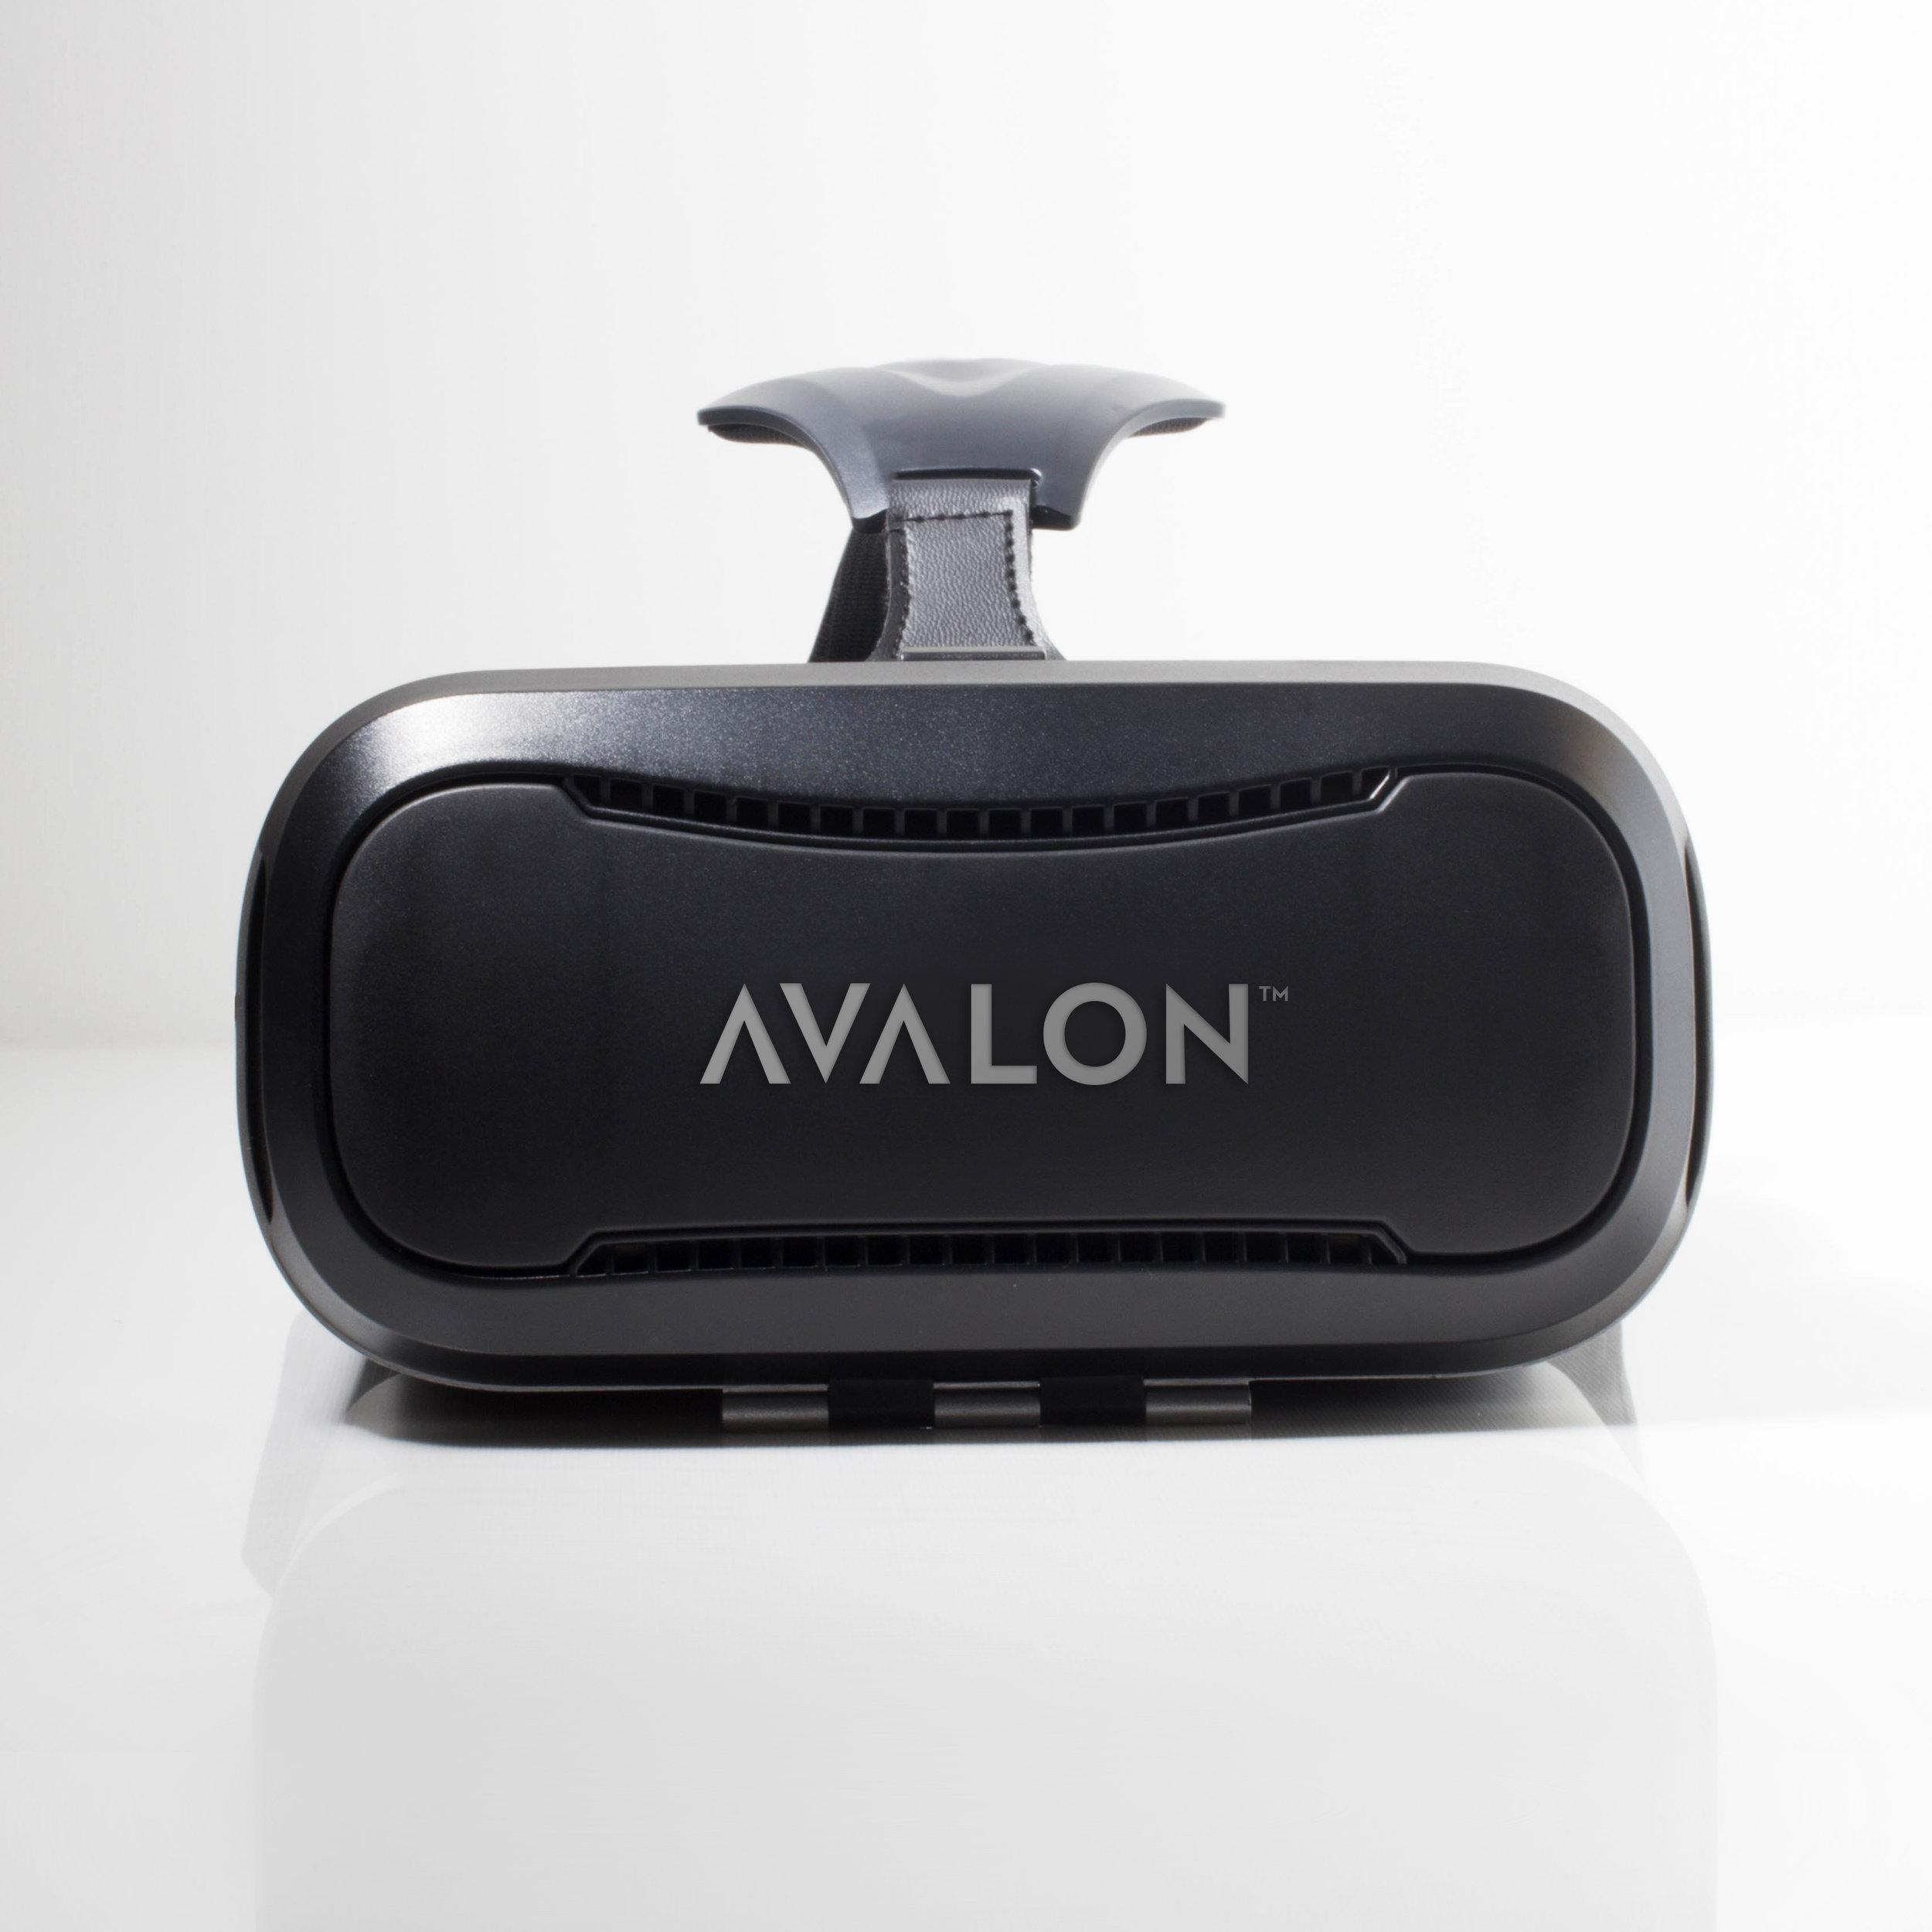 Avalon_FrontView.jpg